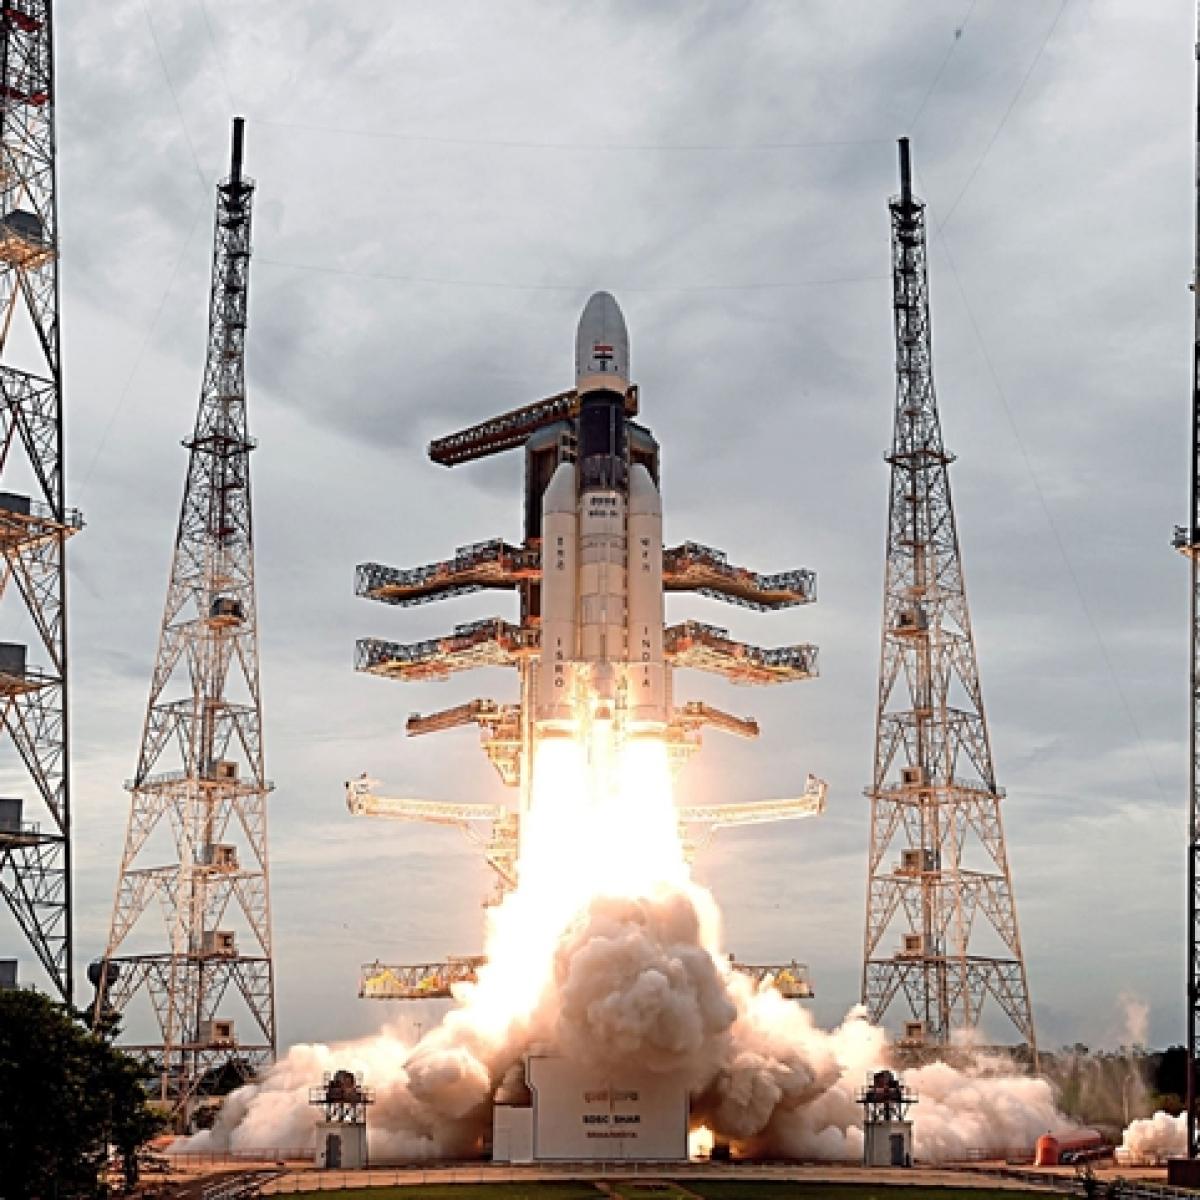 Chandrayaan-2: ISRO may have lost Vikram lander and rover Pragyan, says official